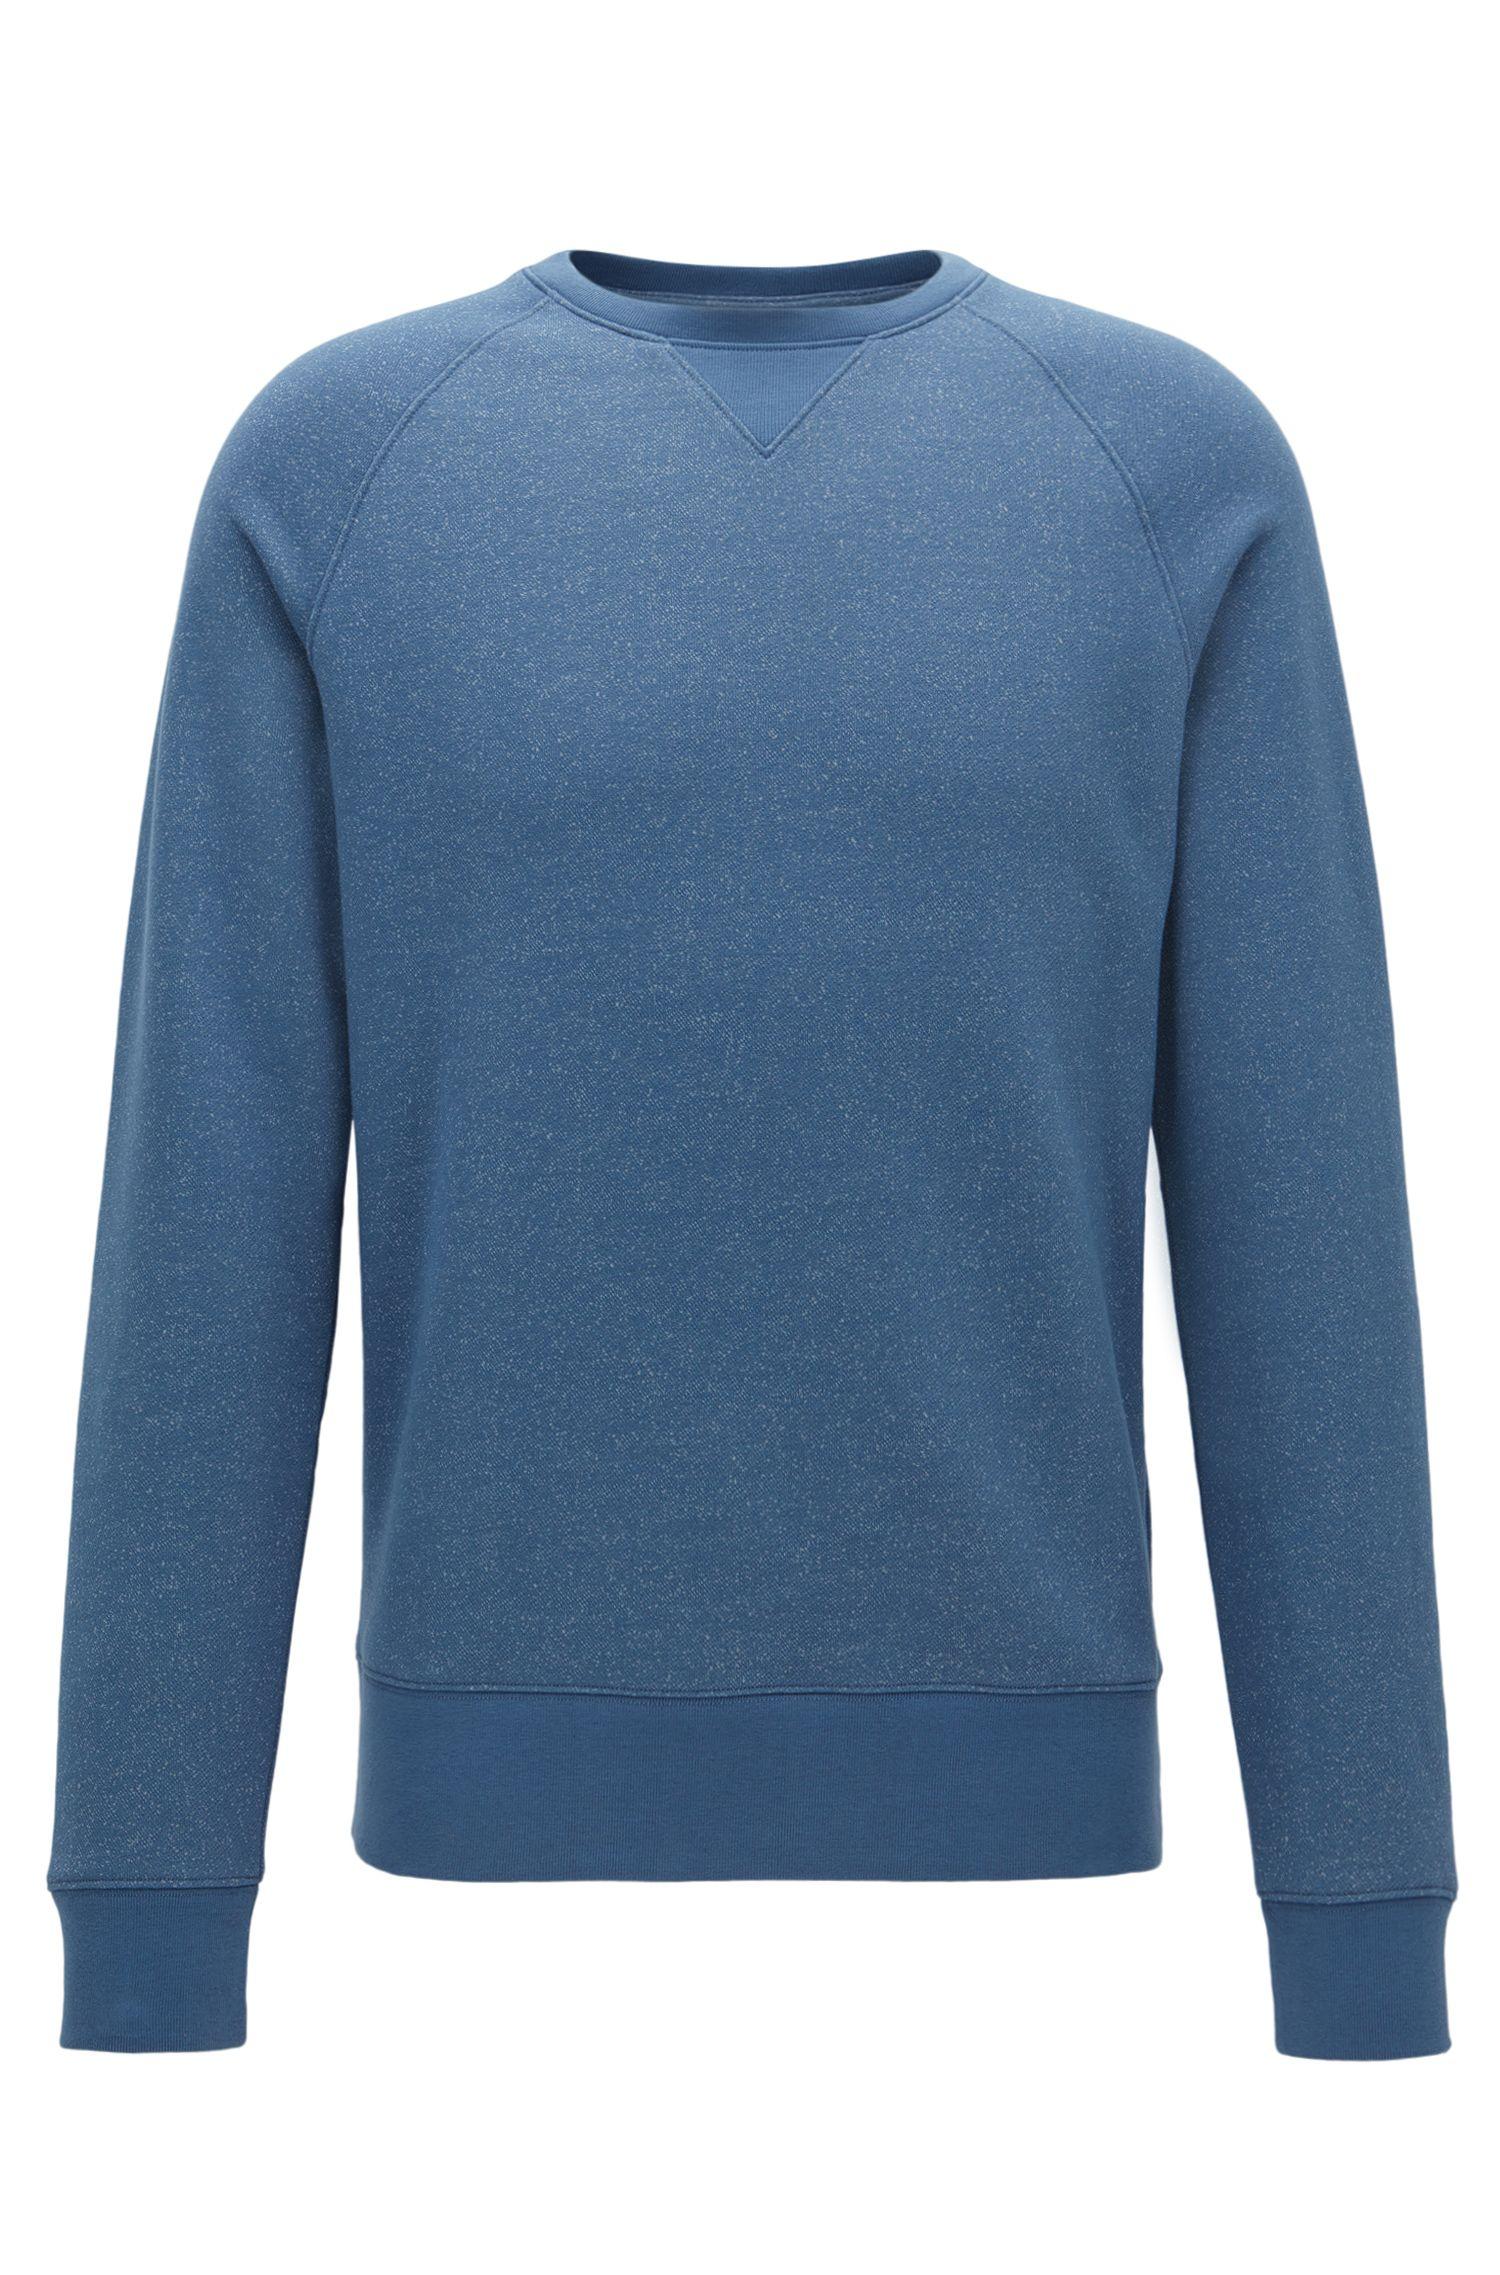 Sweat en coton doux mouliné et mélangé , Bleu